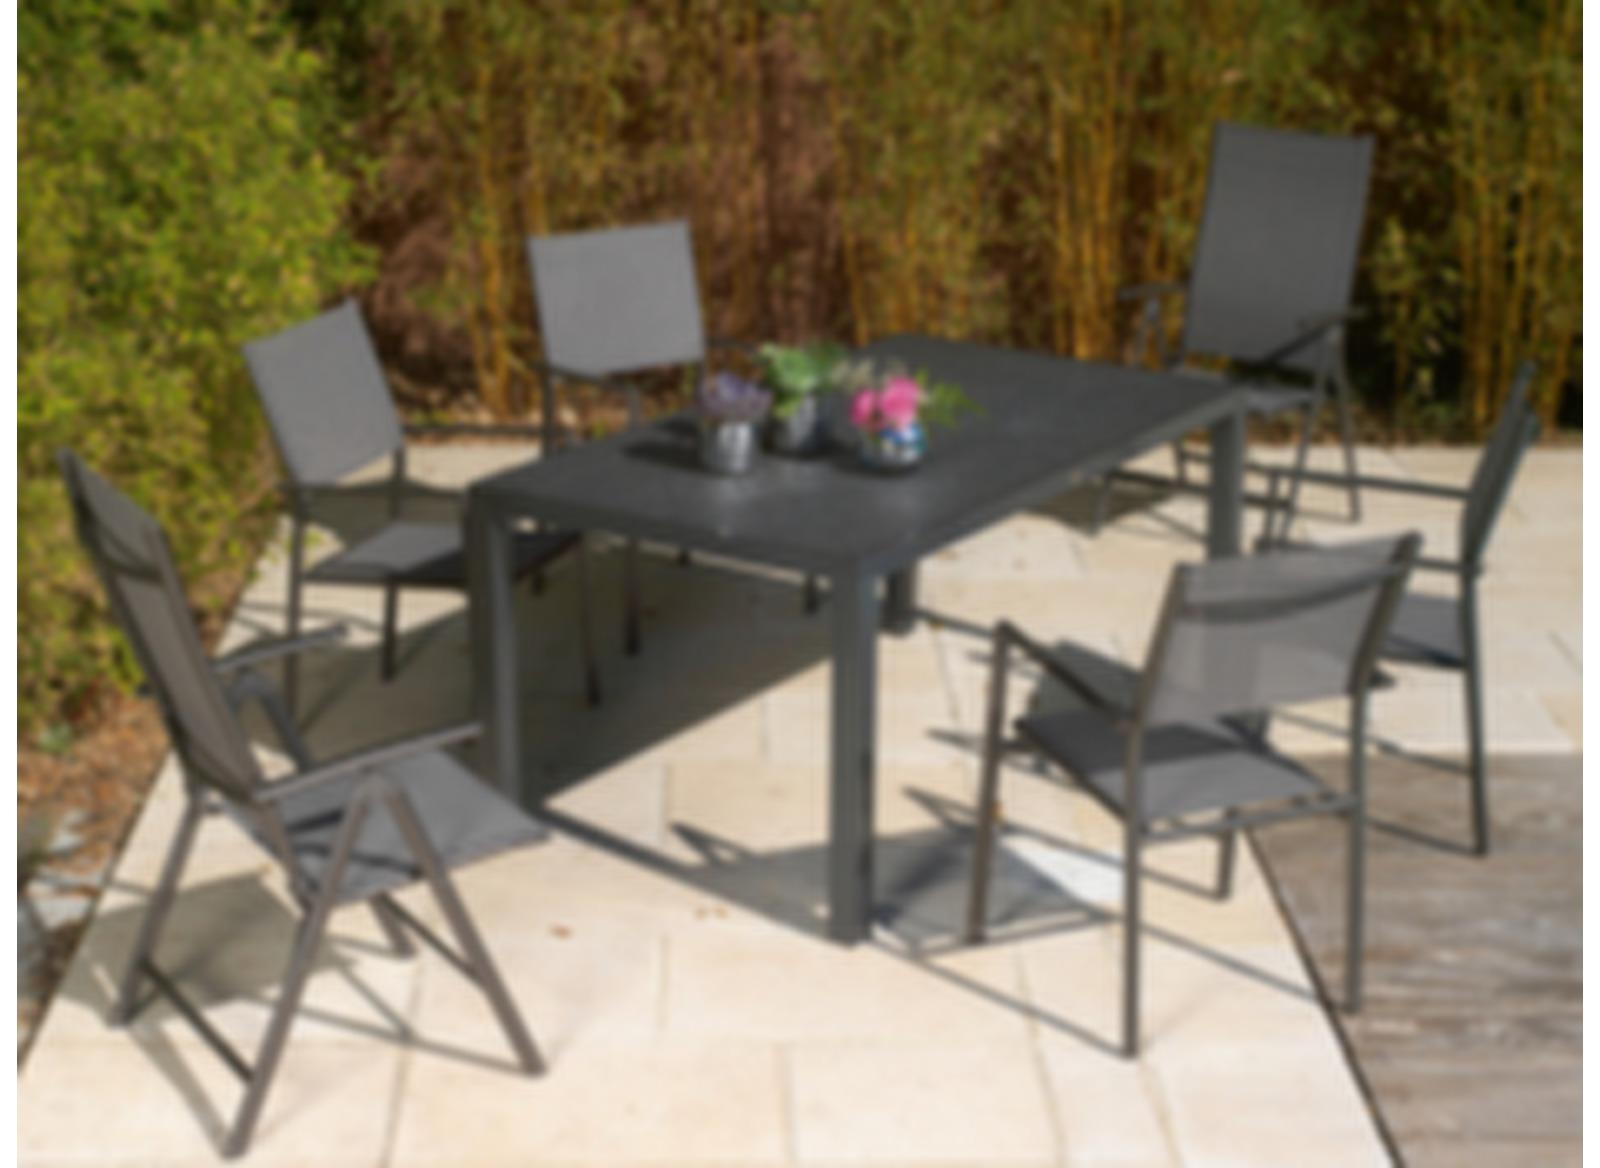 fauteuil multipo sartene grey bb soldes meubles de jardin pour le repas mobilier oc o et. Black Bedroom Furniture Sets. Home Design Ideas